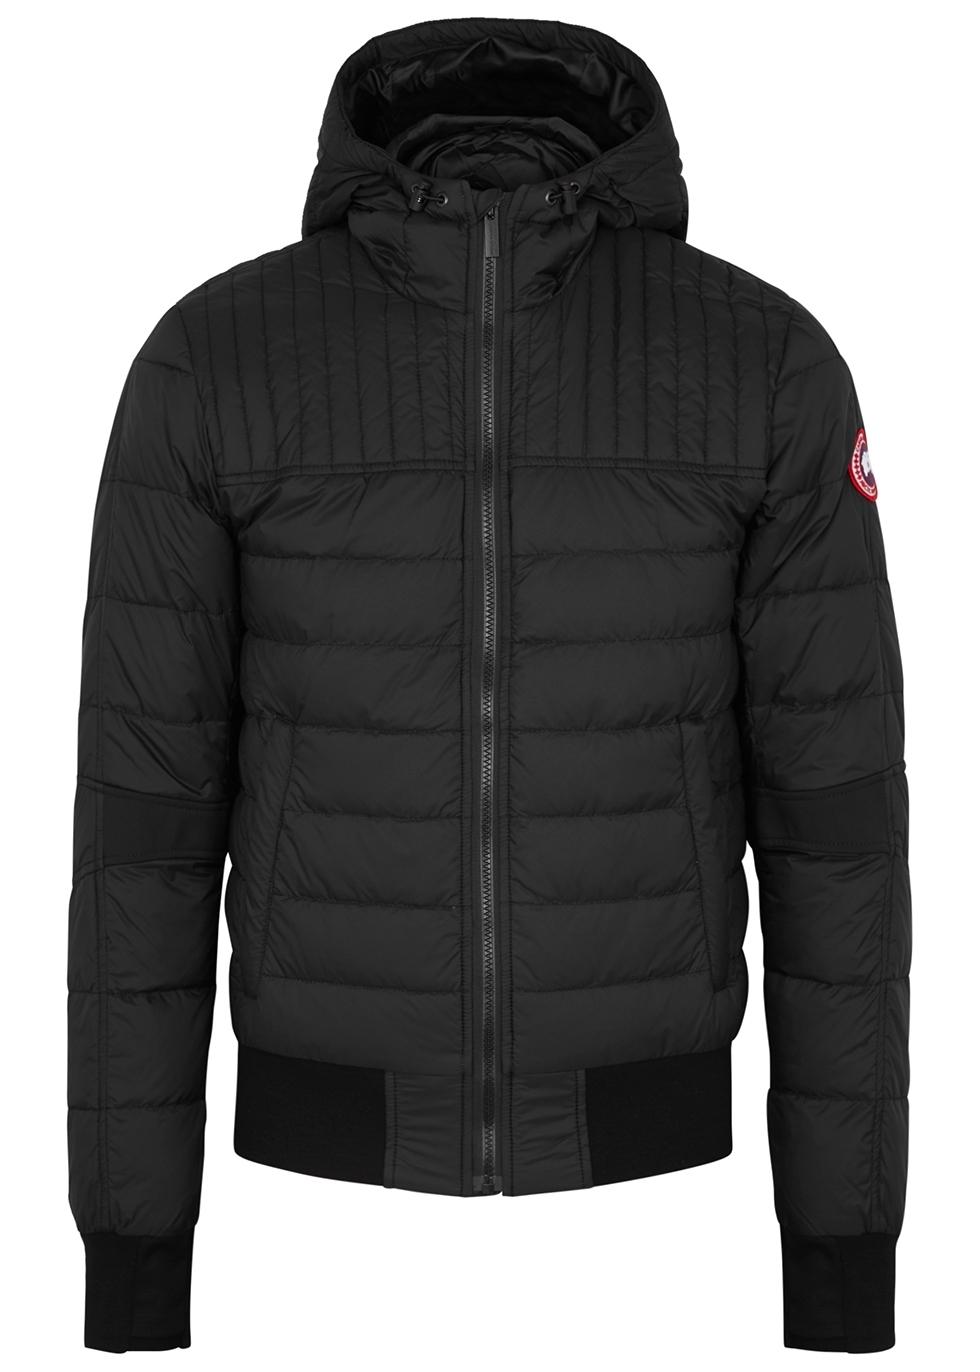 f106cab64db2 Canada Goose - Designer Jackets   Coats - Harvey Nichols